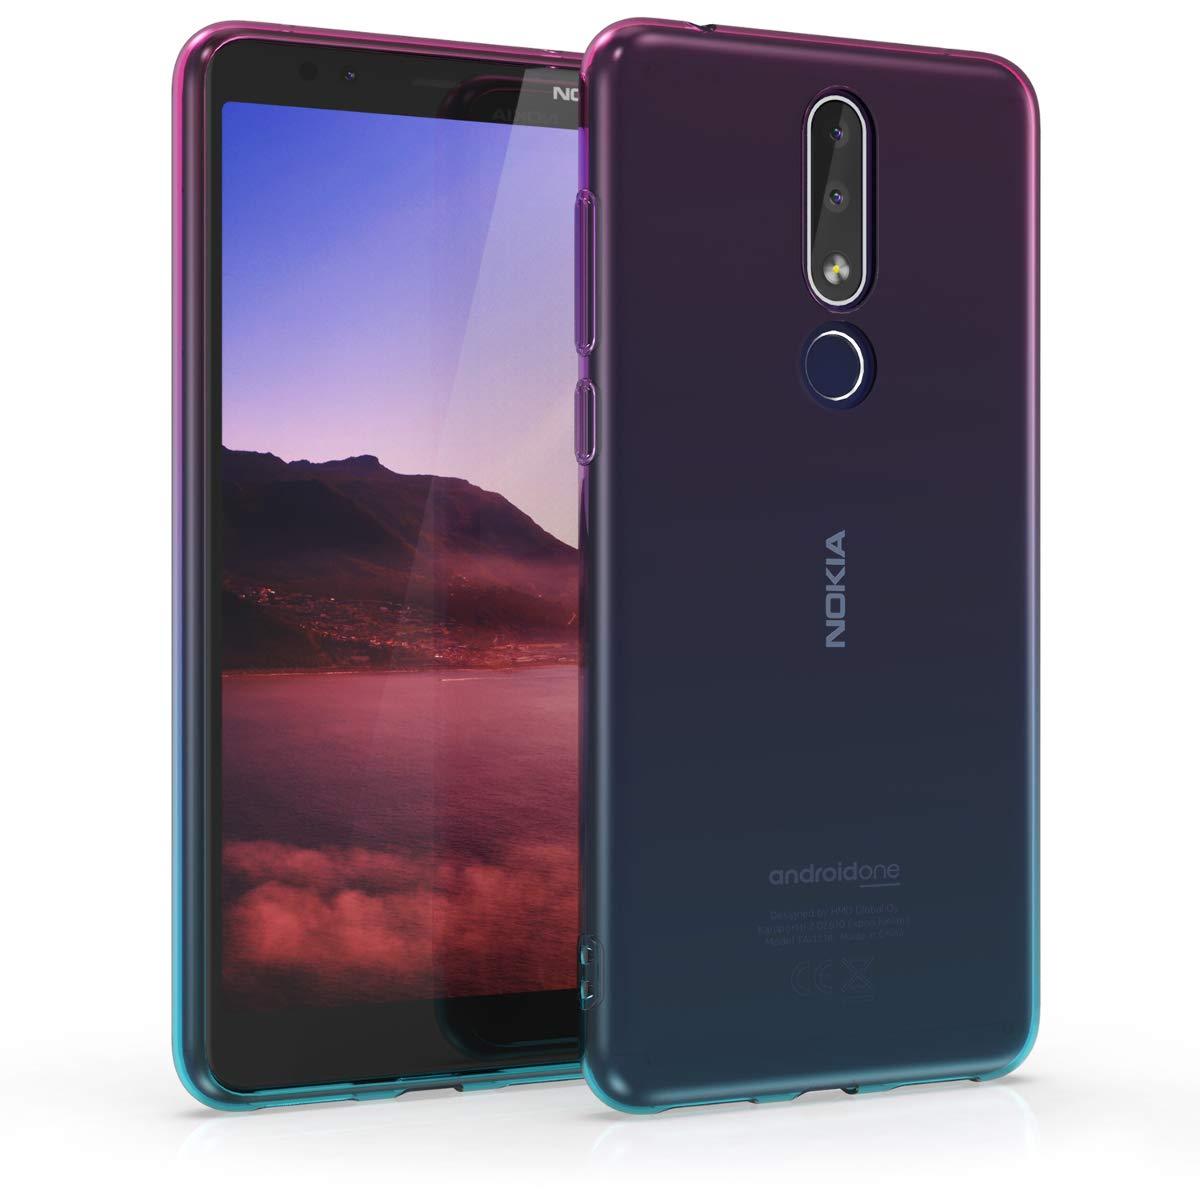 Funda Para Nokia 3.1 Plus Nacional Kwmobile [7sc74skk]